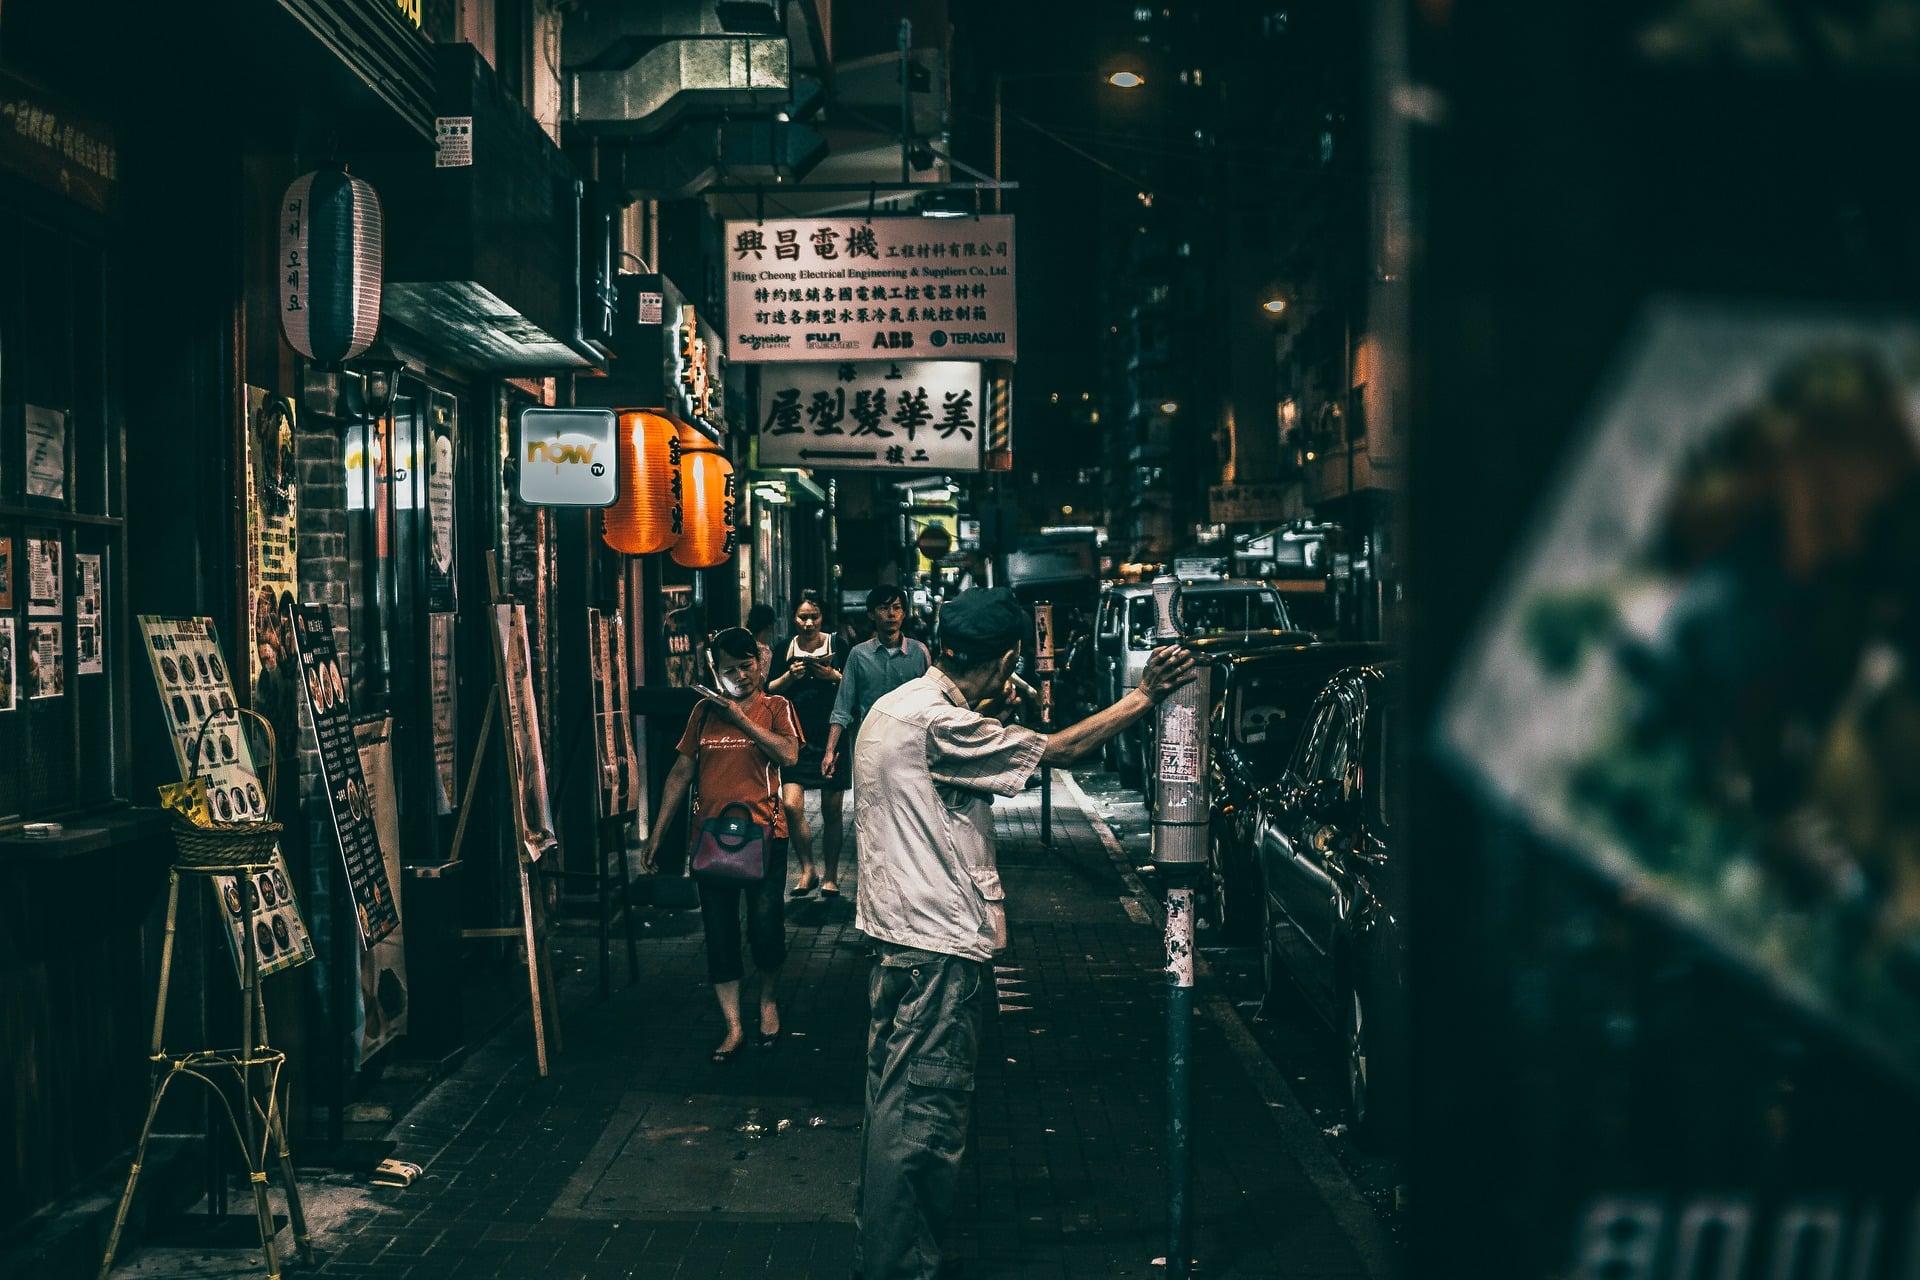 Przegląd ofert chińskich sklepów #27 - ładowarki 20